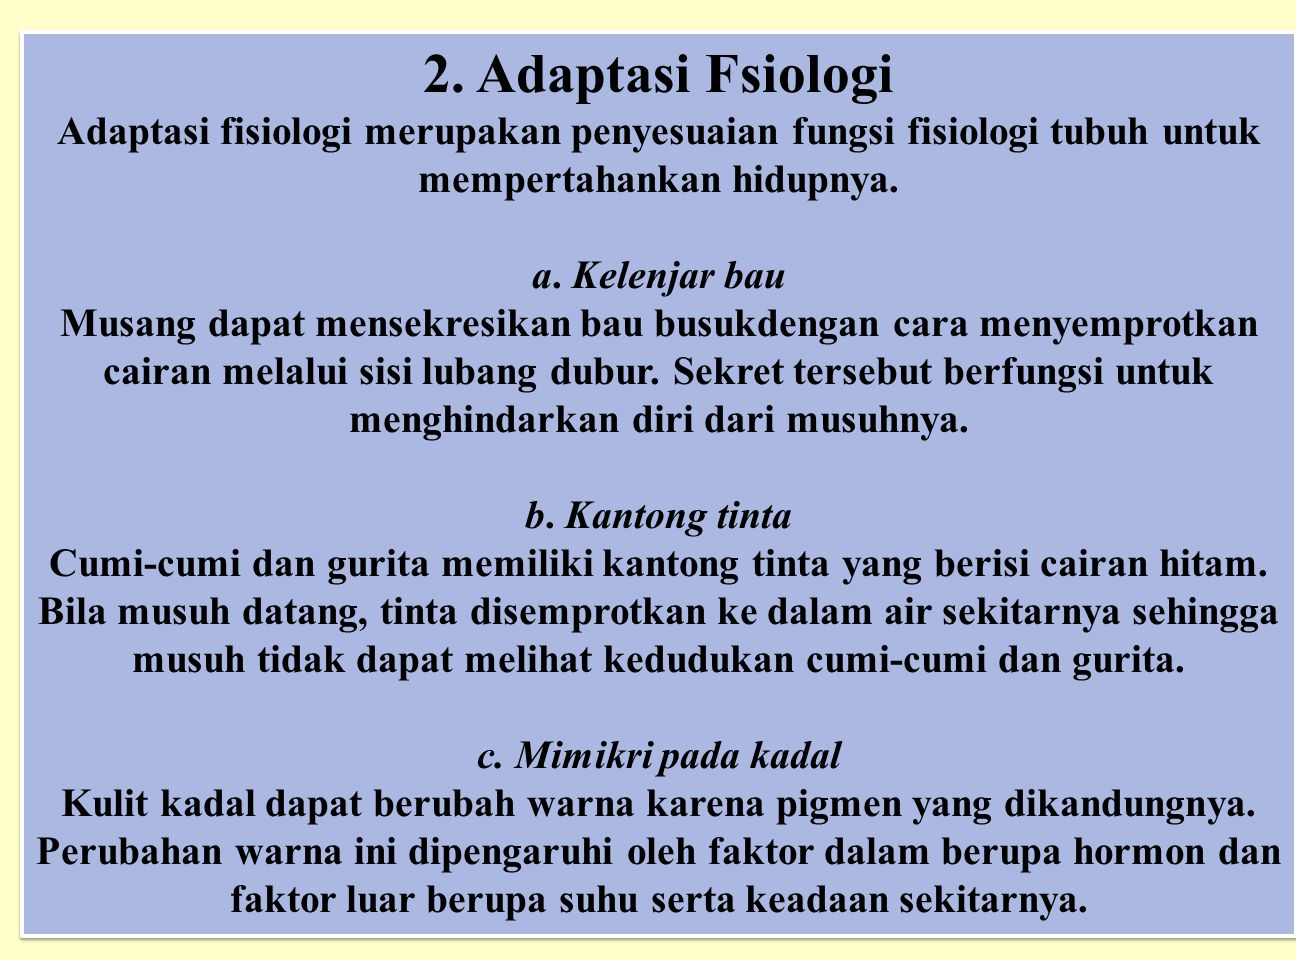 2. Adaptasi Fsiologi Adaptasi fisiologi merupakan penyesuaian fungsi fisiologi tubuh untuk mempertahankan hidupnya. a. Kelenjar bau Musang dapat mense